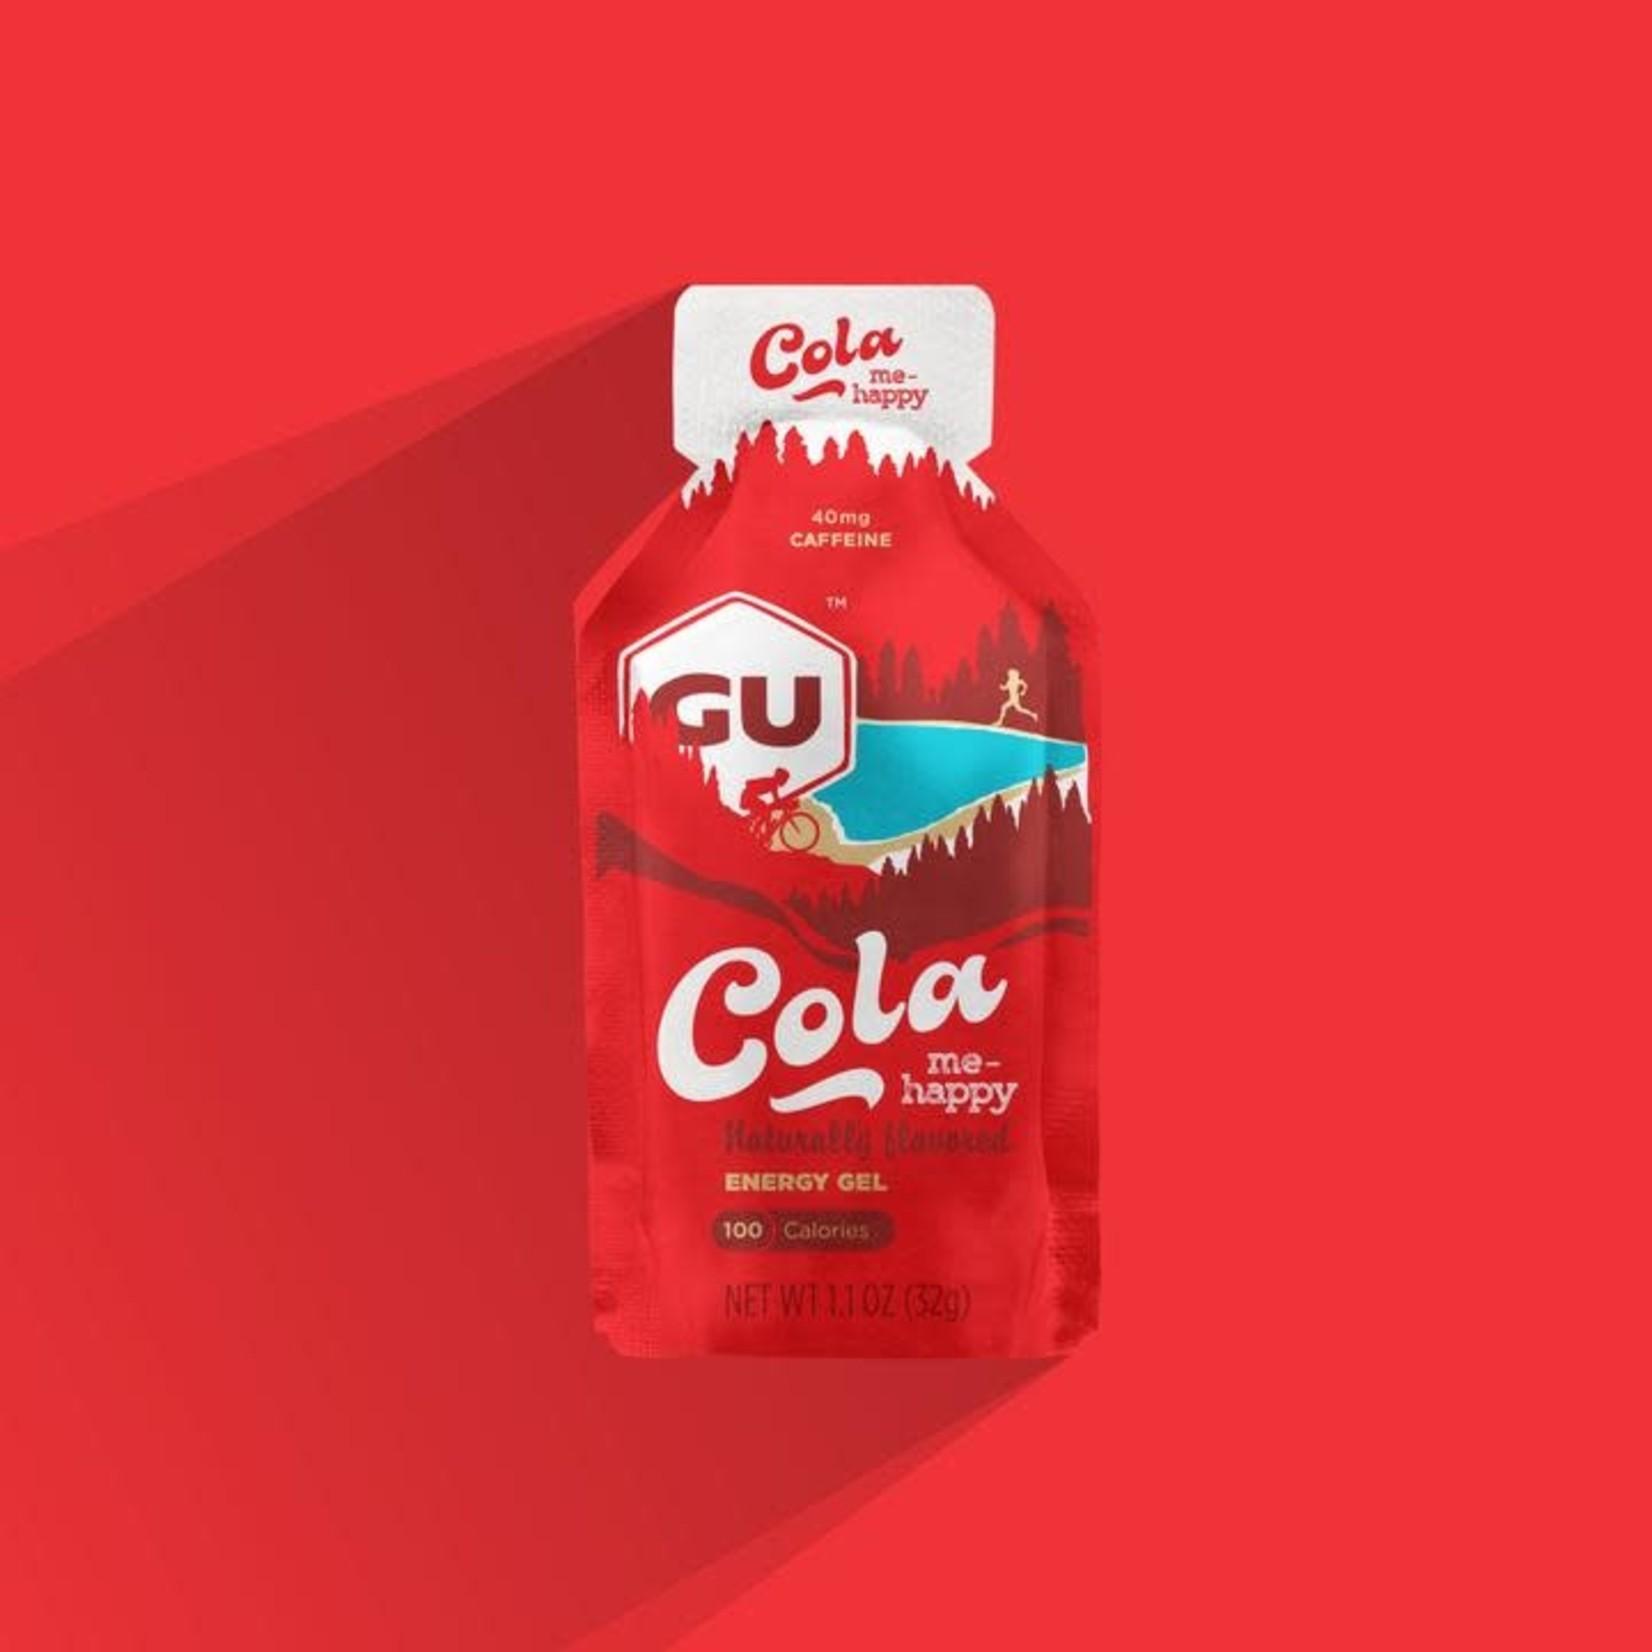 Gu Energy Gel Cola Me Happy